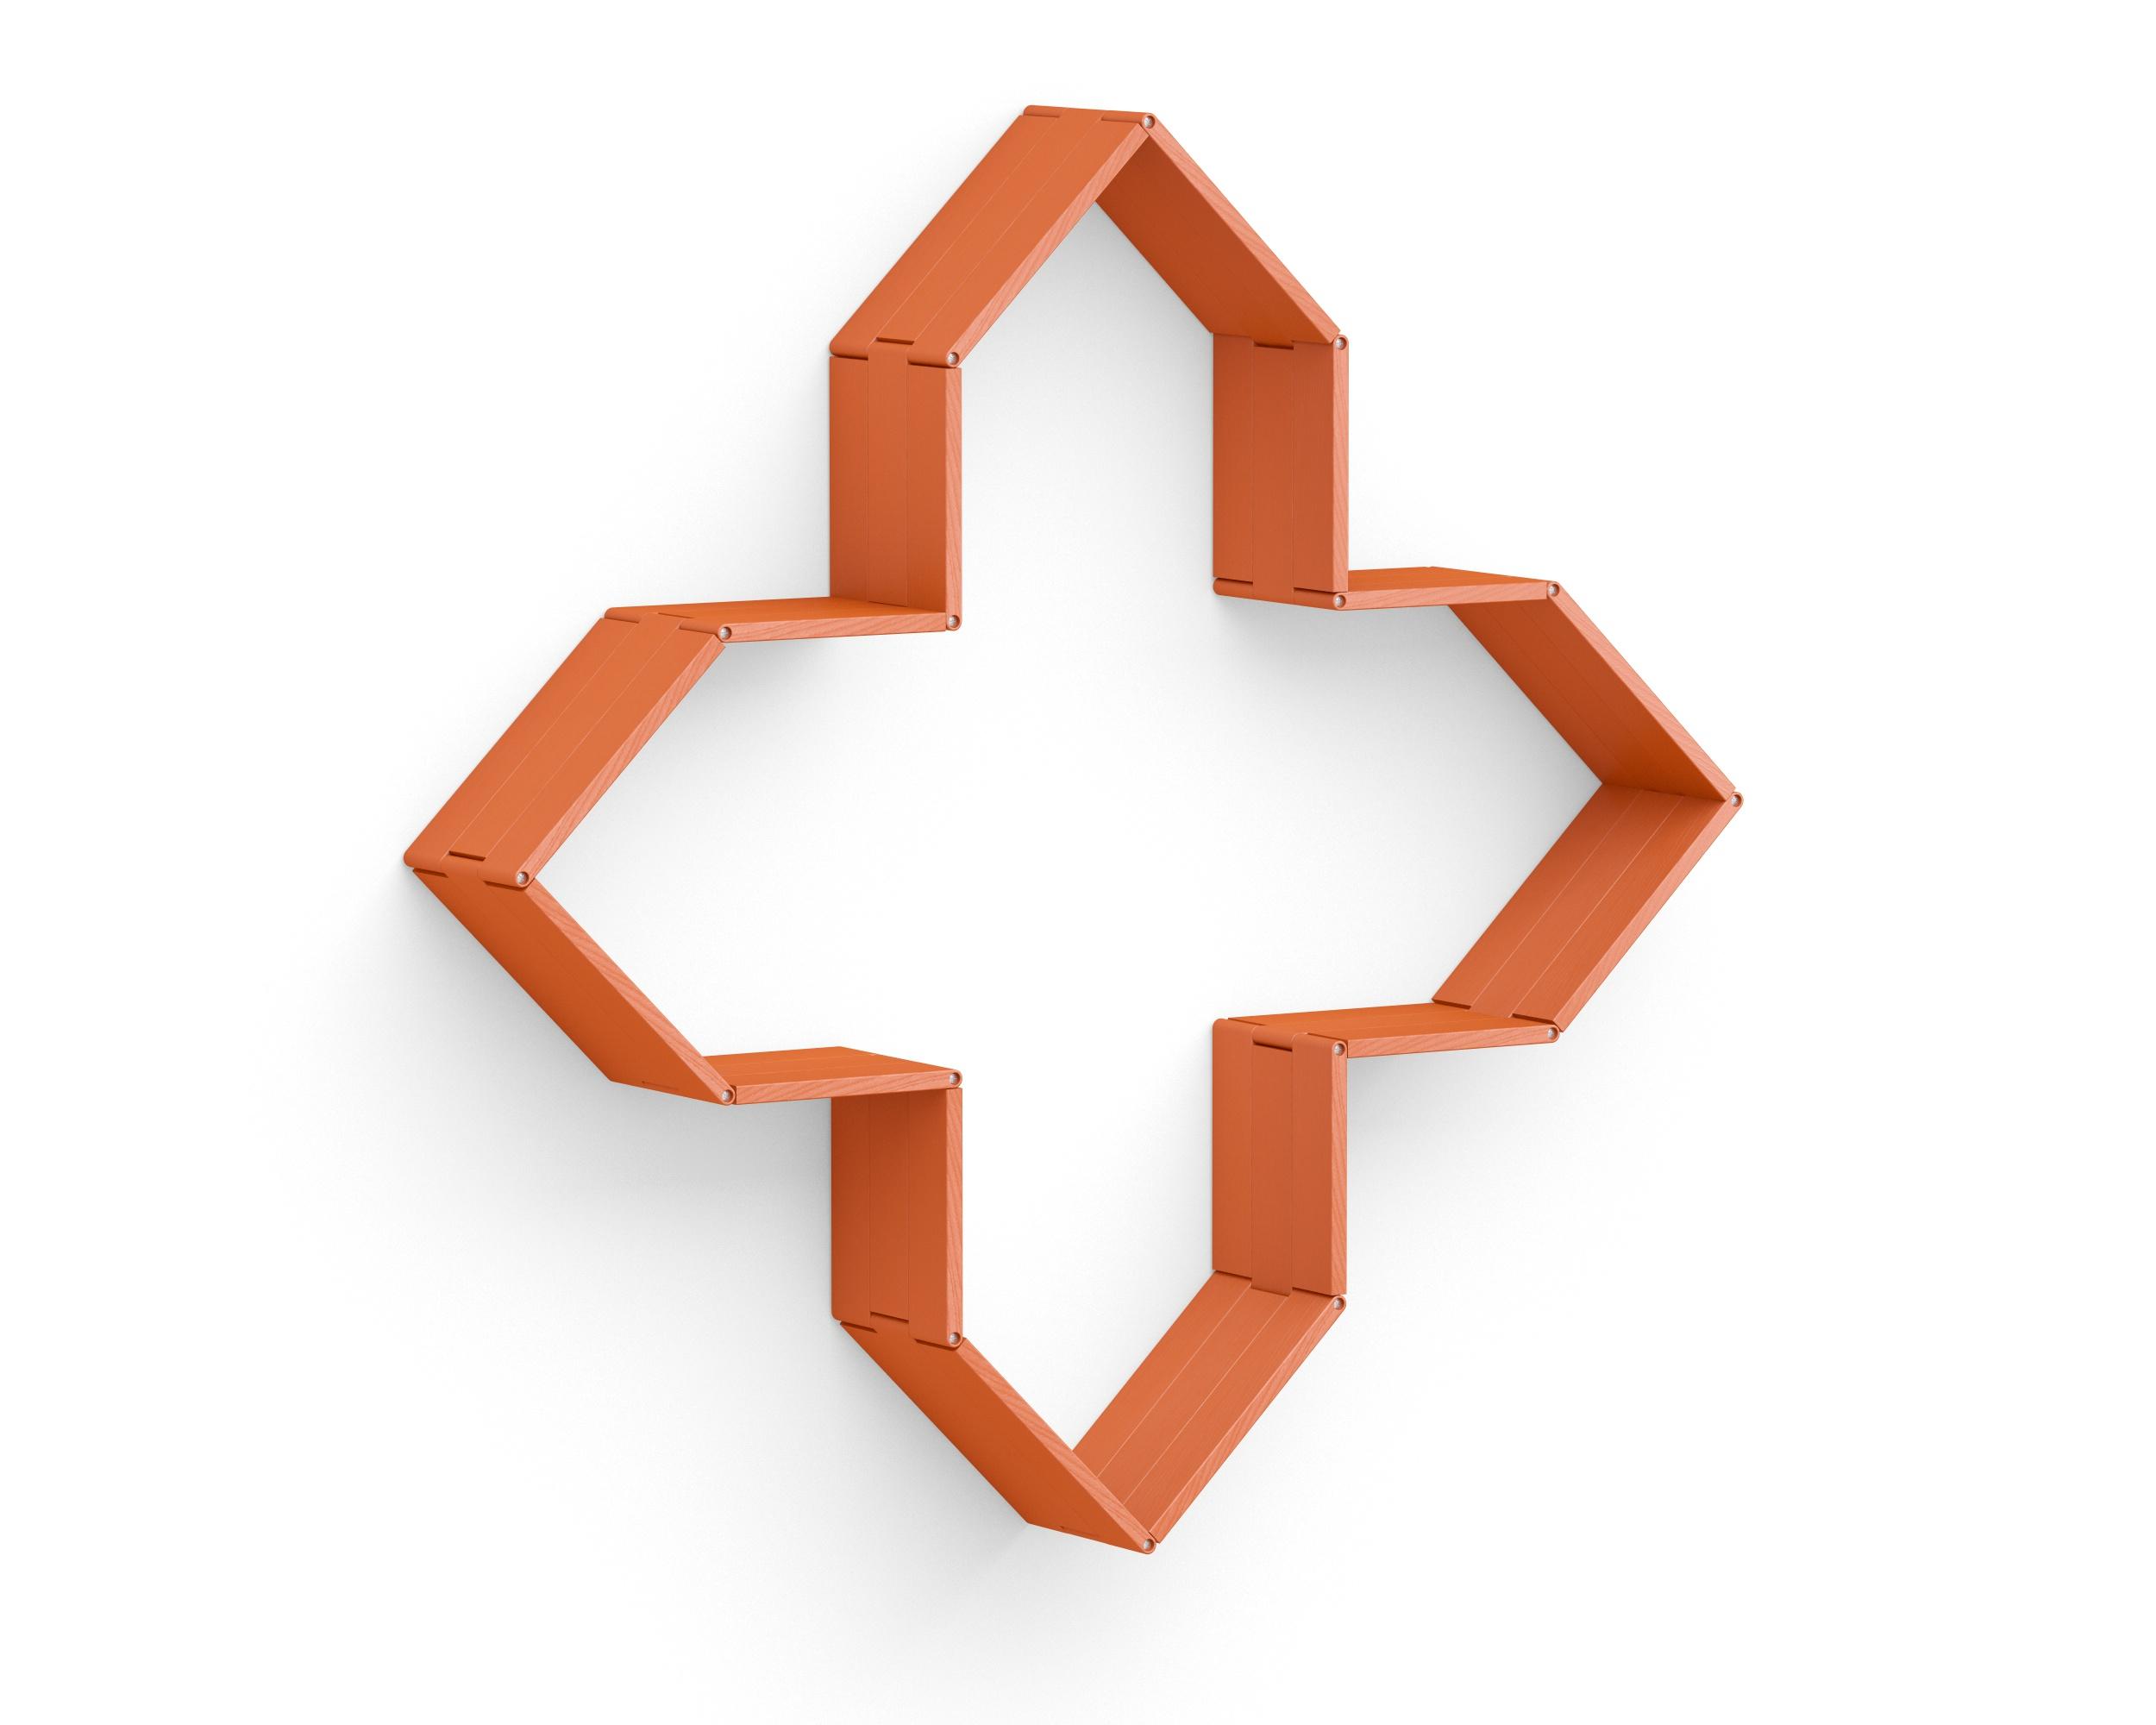 Полка-конструктор Flex Shelf 94Полки<br>цвет: натуральный ясень, красный, оранжевый, зеленый, голубой, сиреневый, белый, черный<br><br>Material: Ясень<br>Ширина см: 137<br>Высота см: 22<br>Глубина см: 137